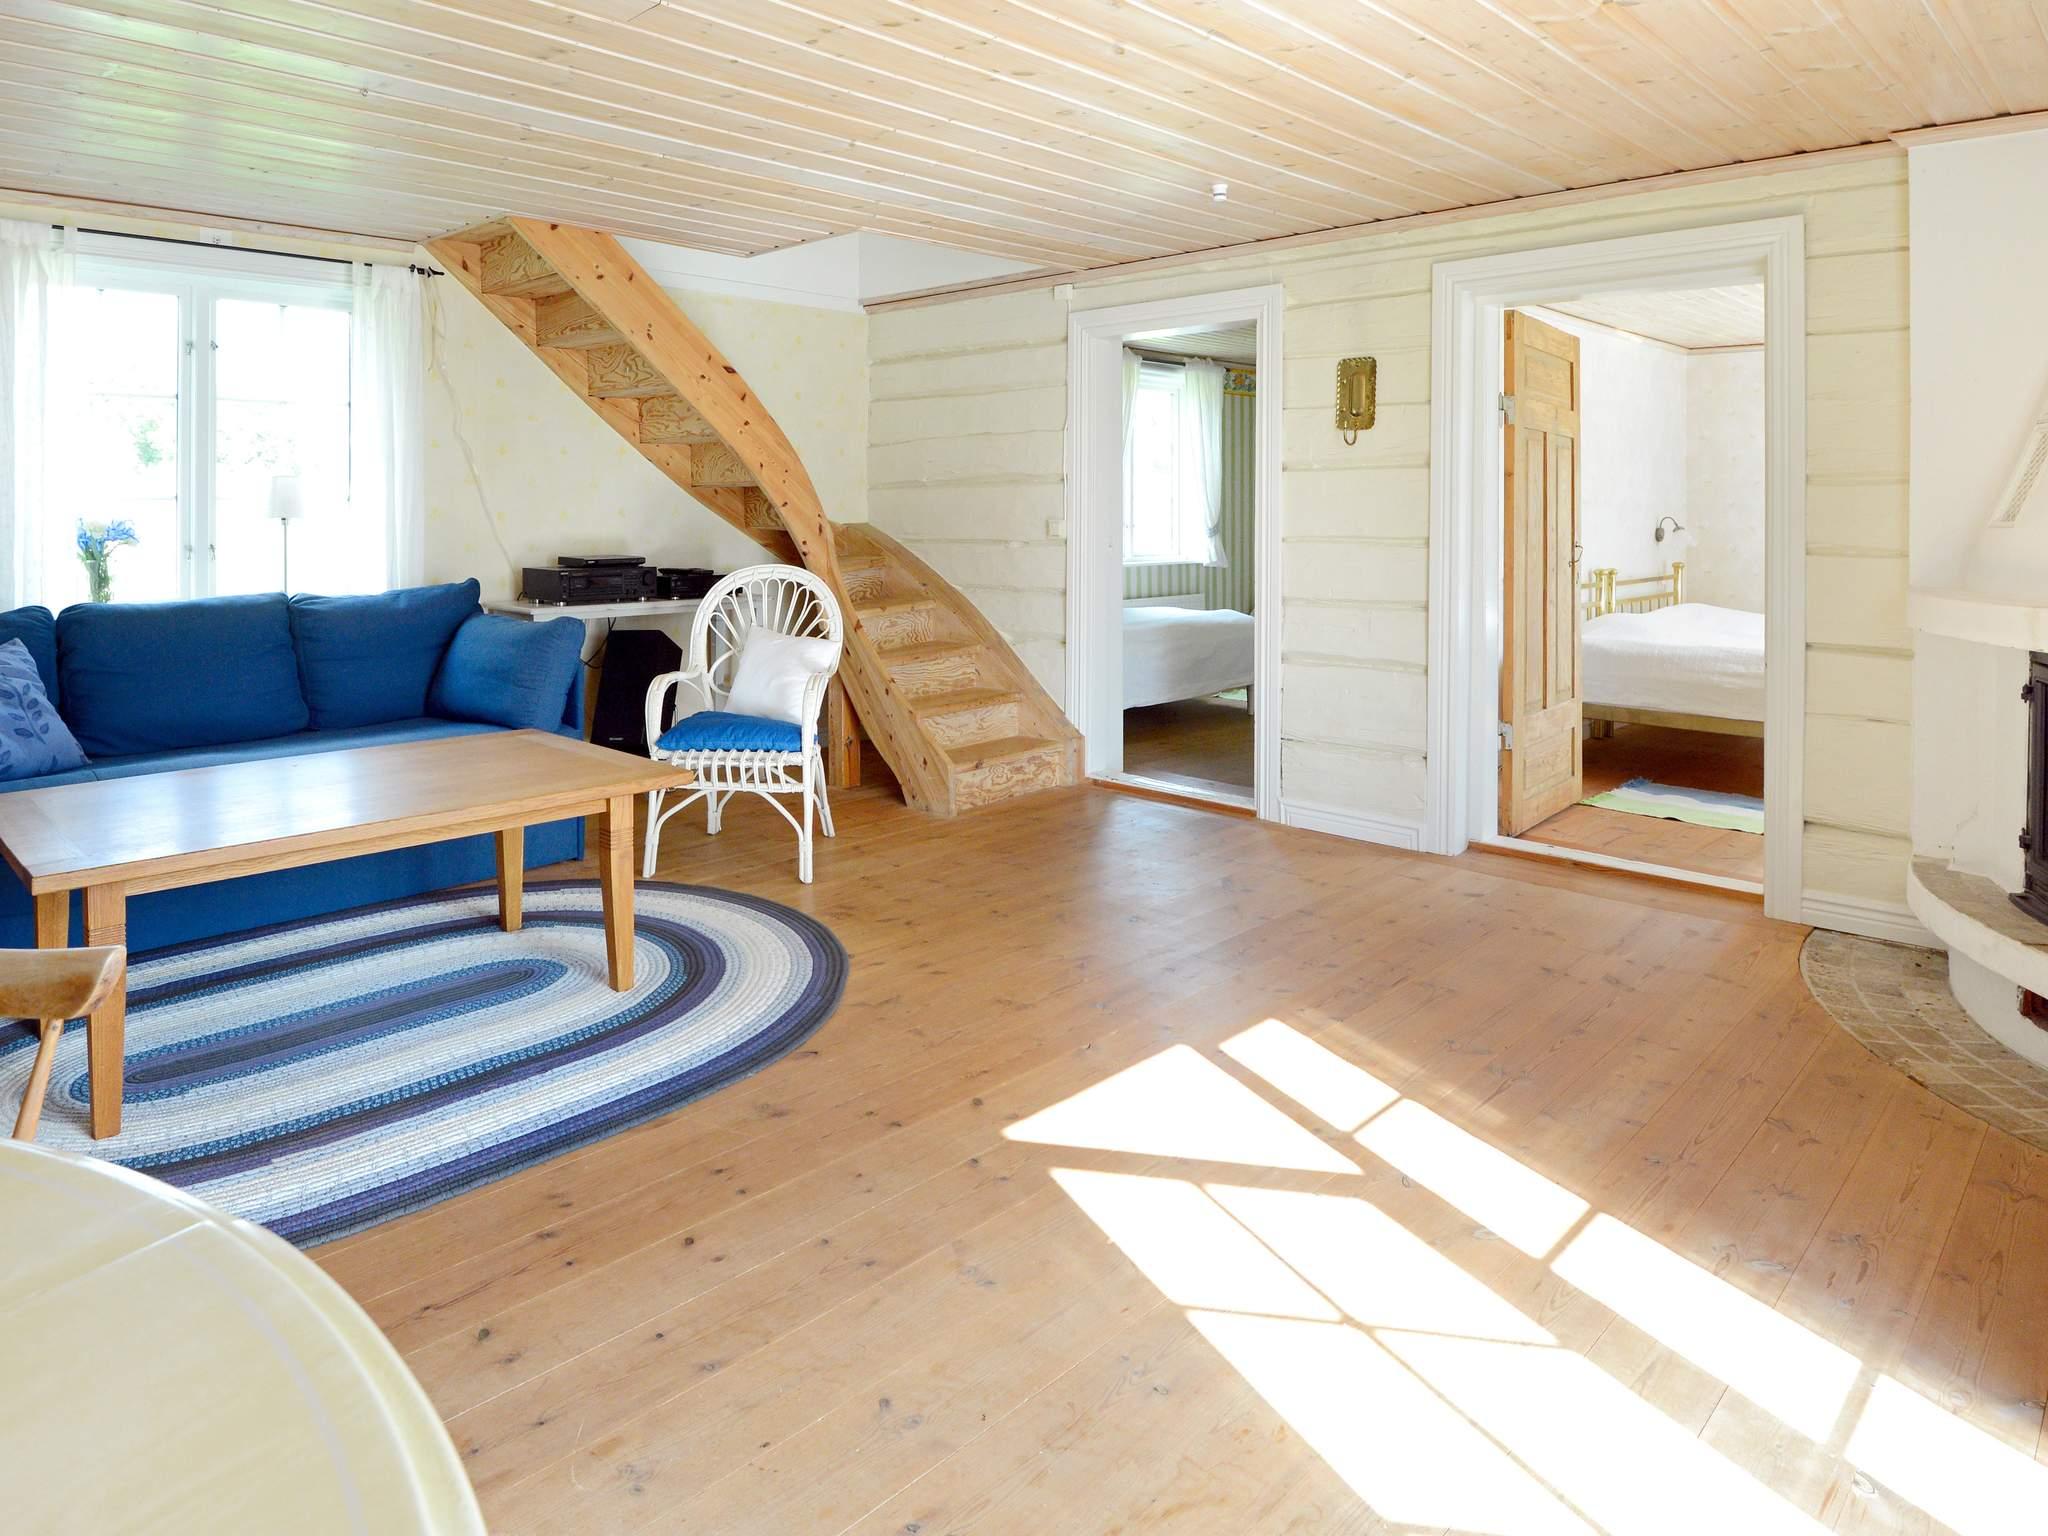 Ferienhaus Strängnäs (93280), Strängnäs, Södermanlands län, Mittelschweden, Schweden, Bild 4